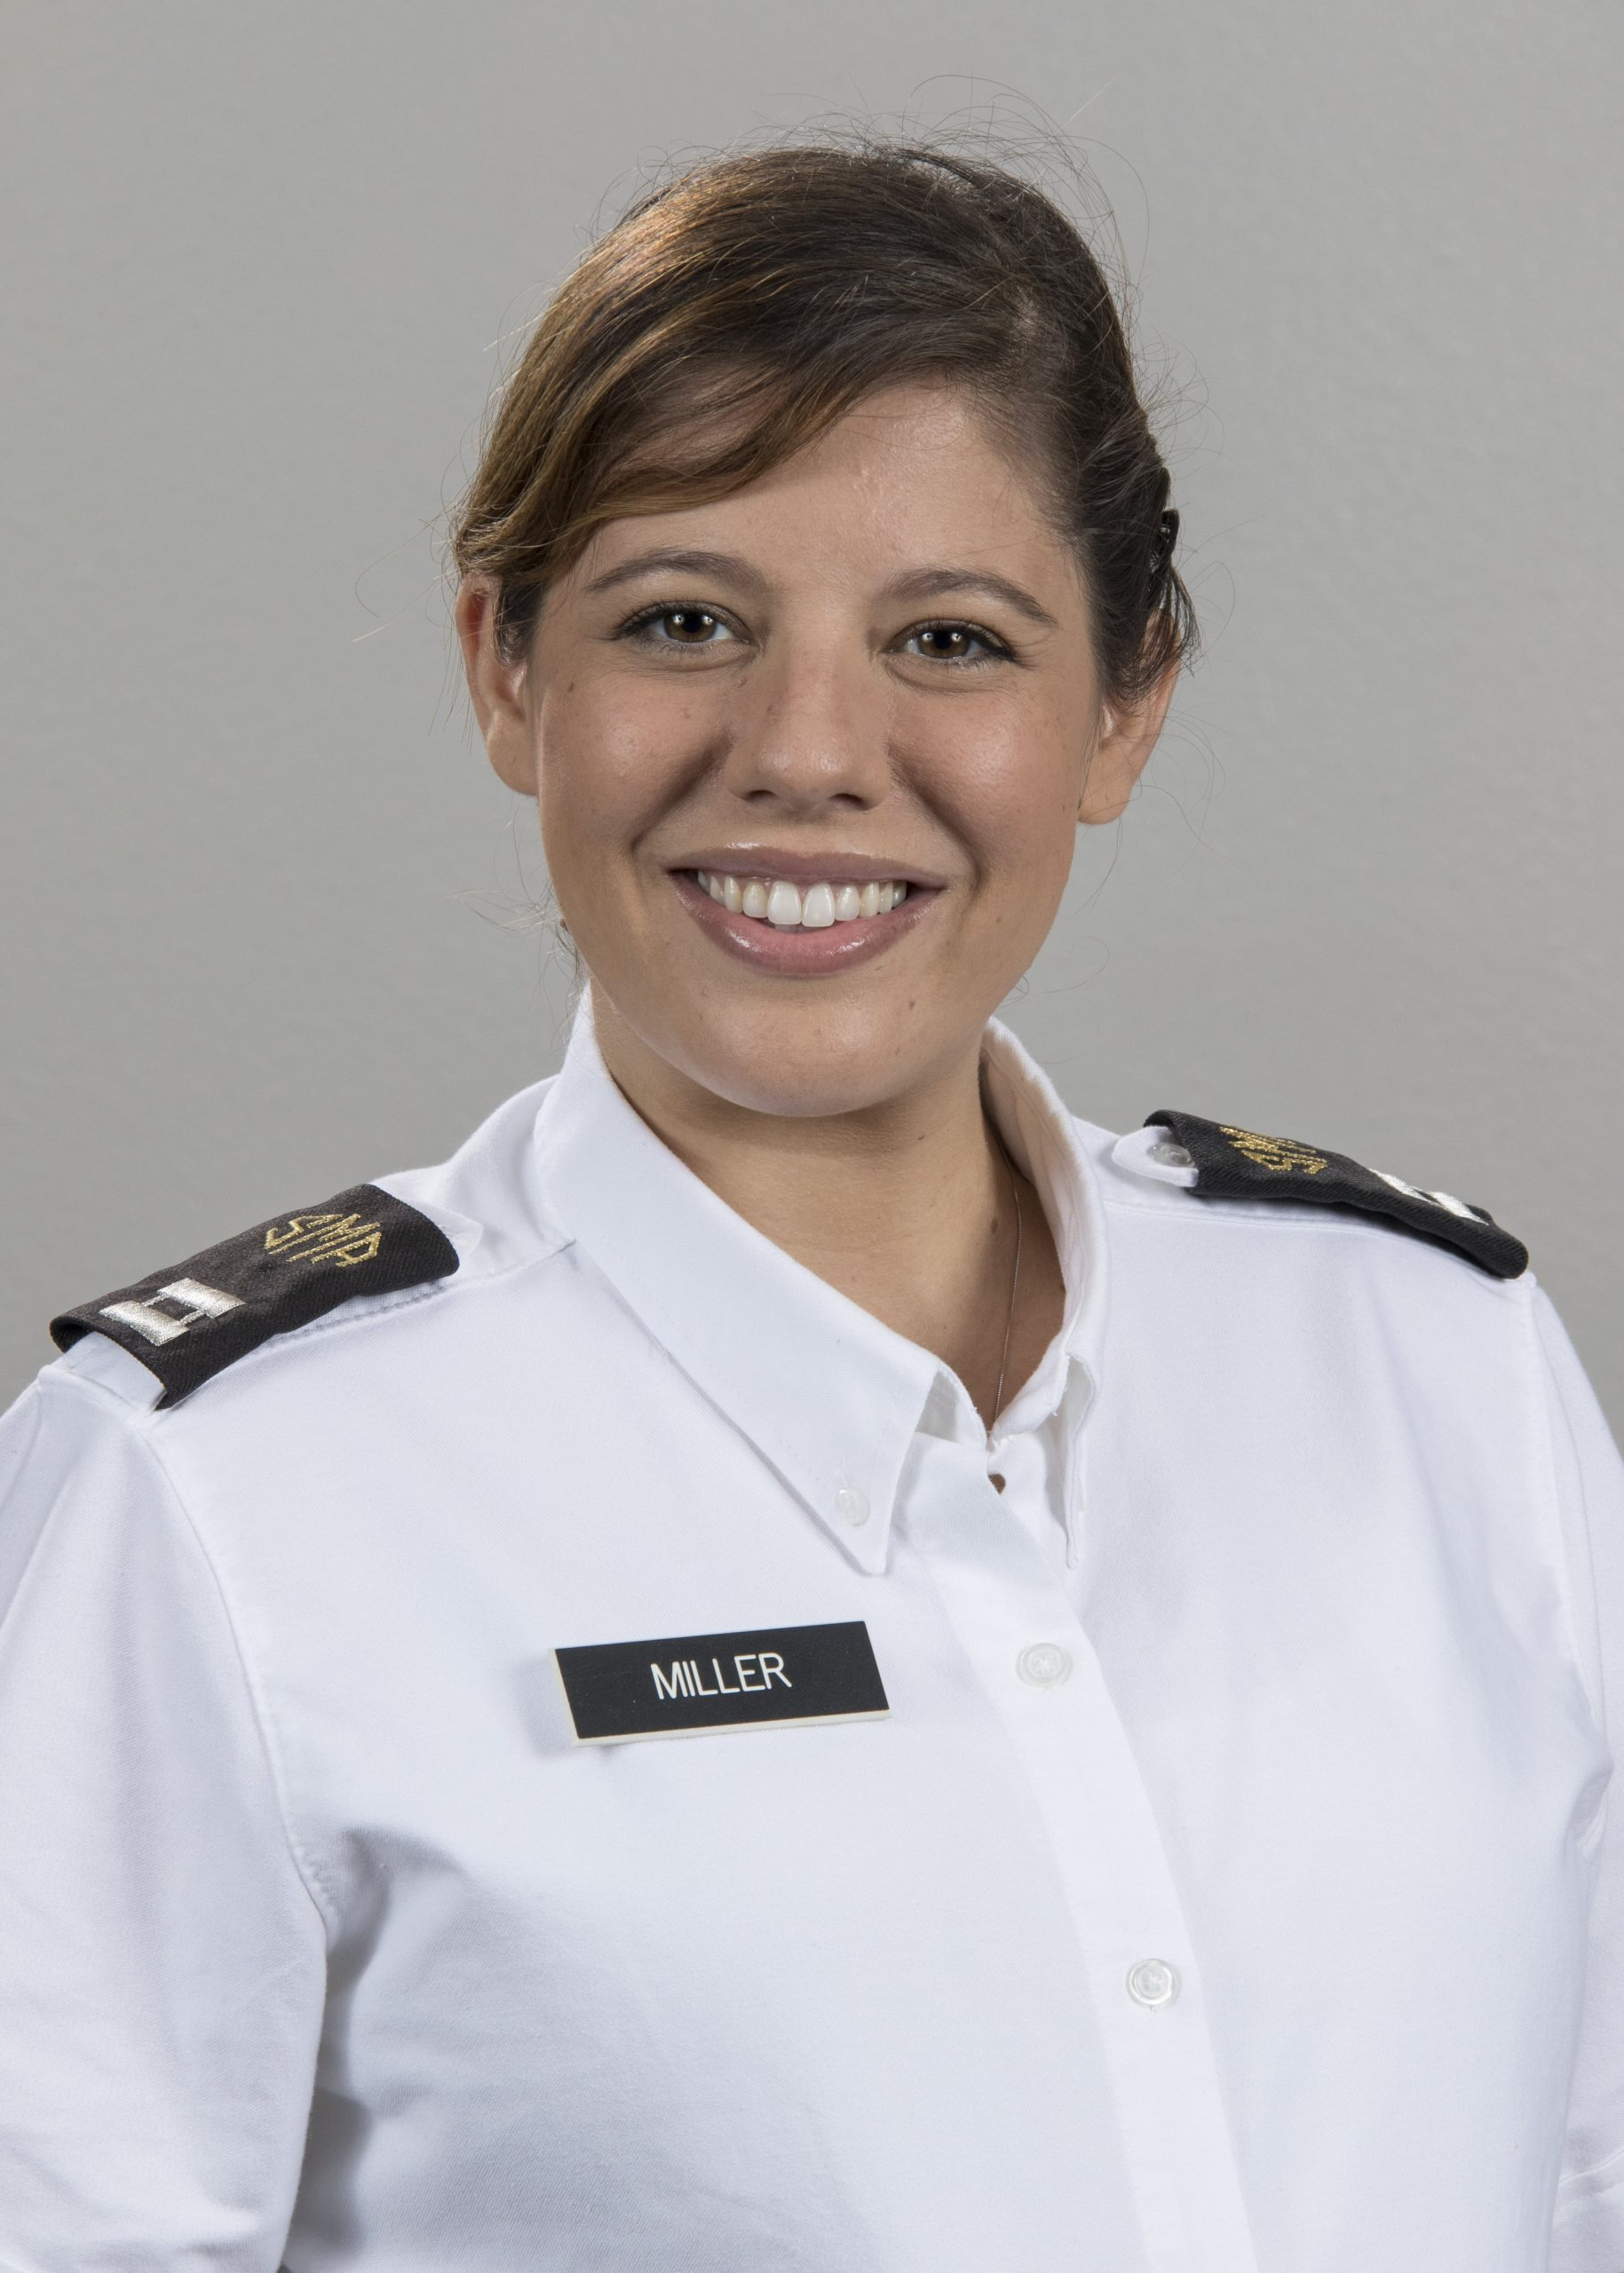 Samantha Miller